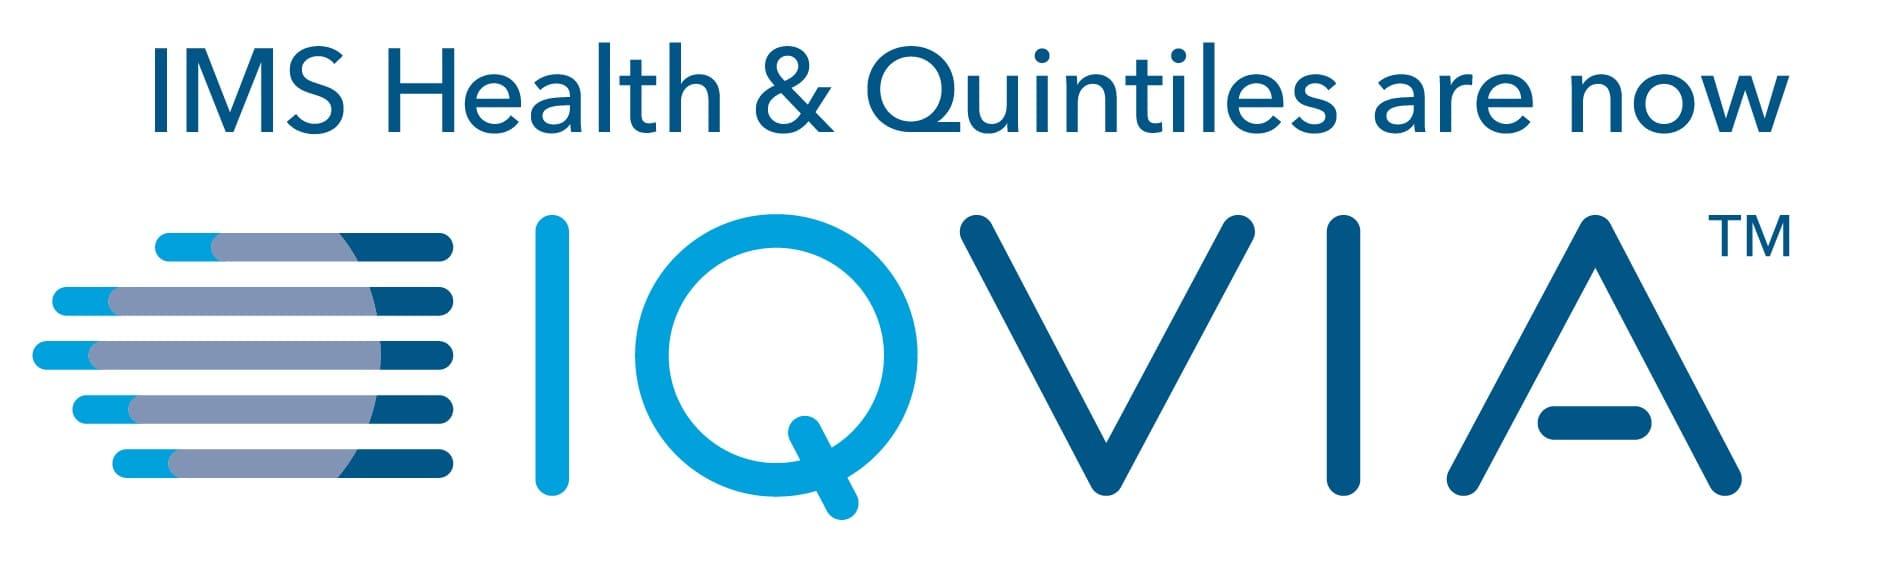 Nuovo-importante-accordo-nella-sanita-IMS-Health-si-fonde-con-Quintiles